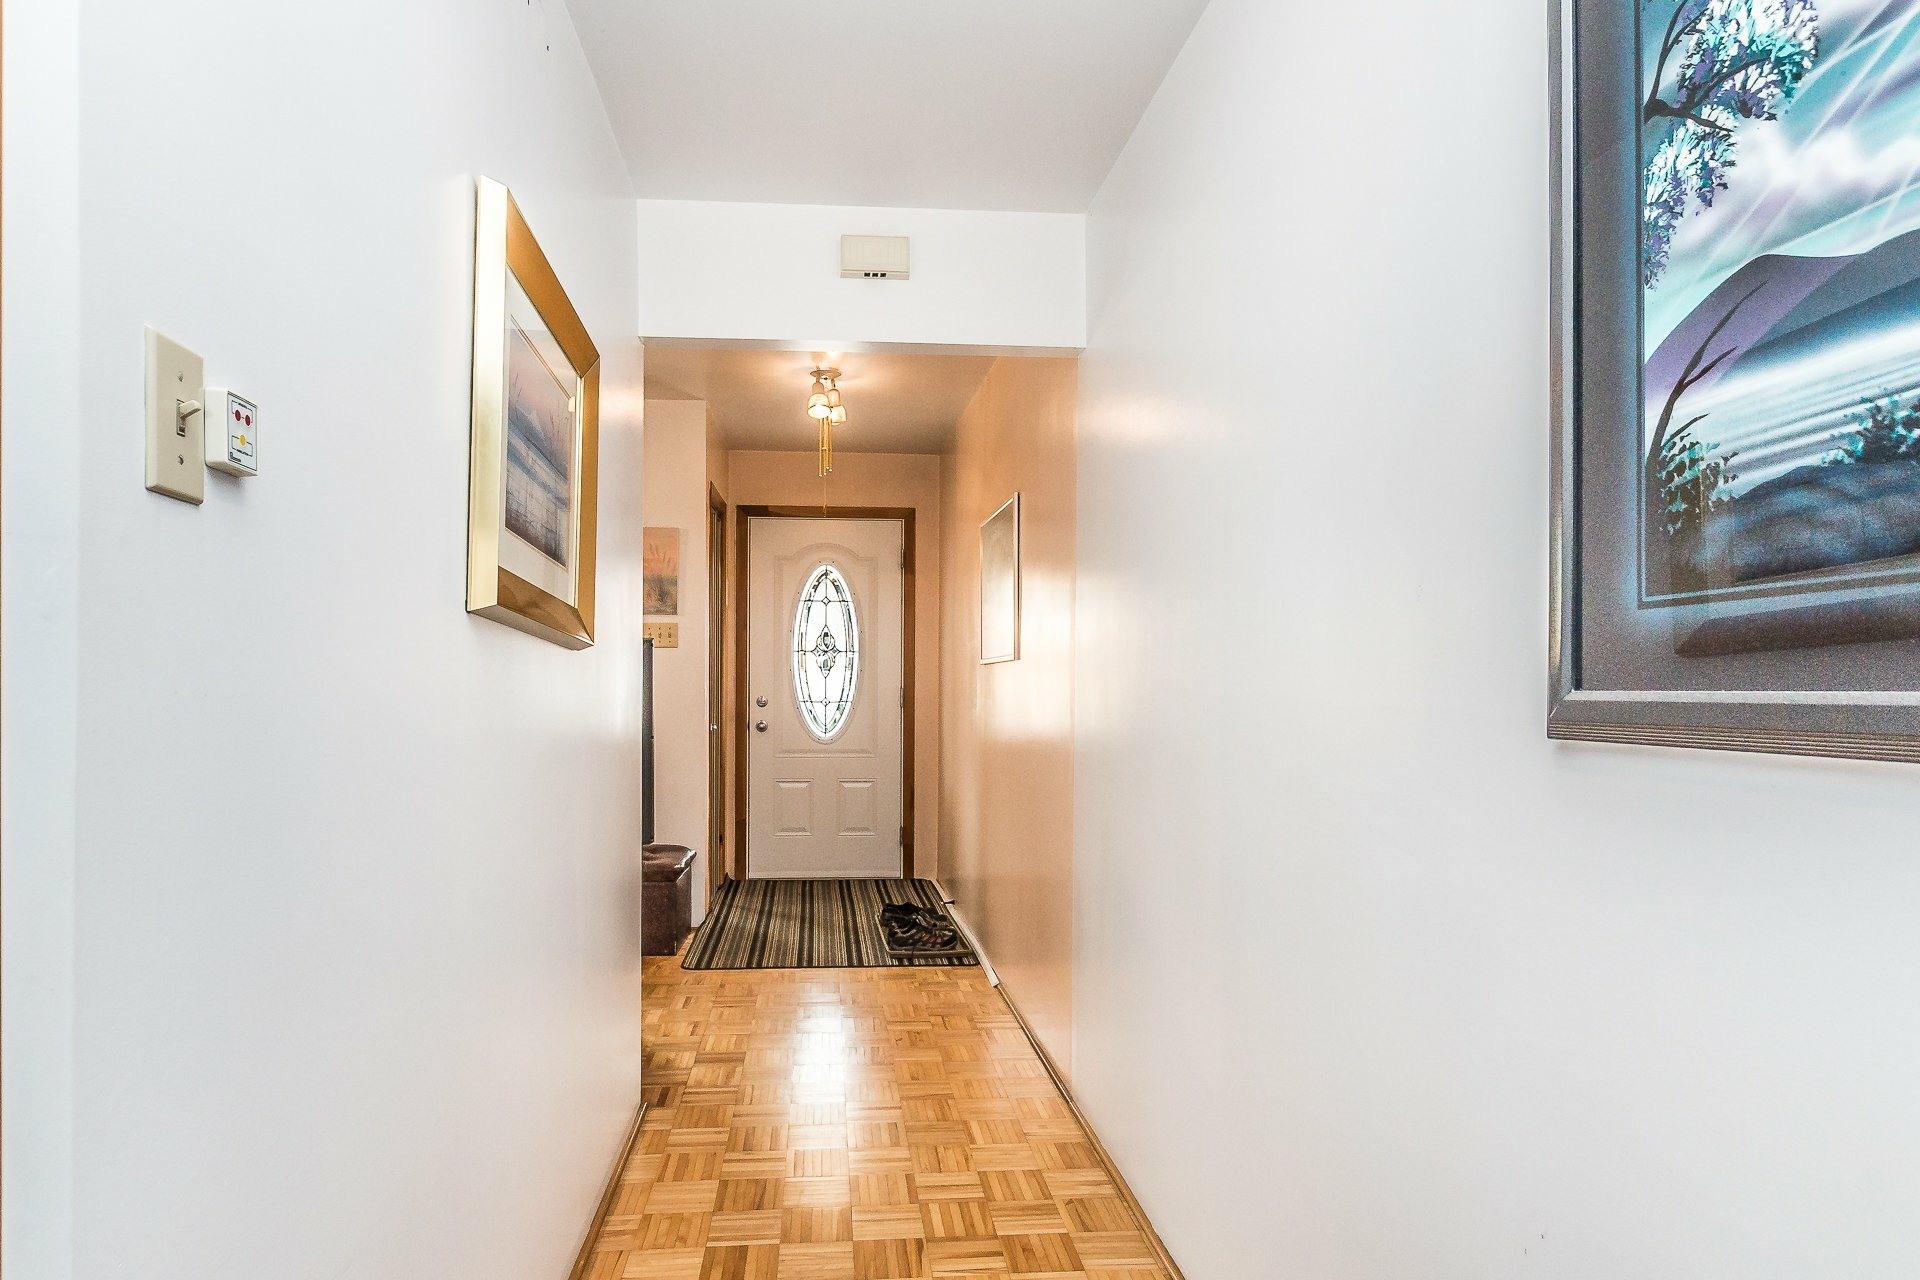 image 9 - Duplex For sale Montréal Lachine  - 3 rooms